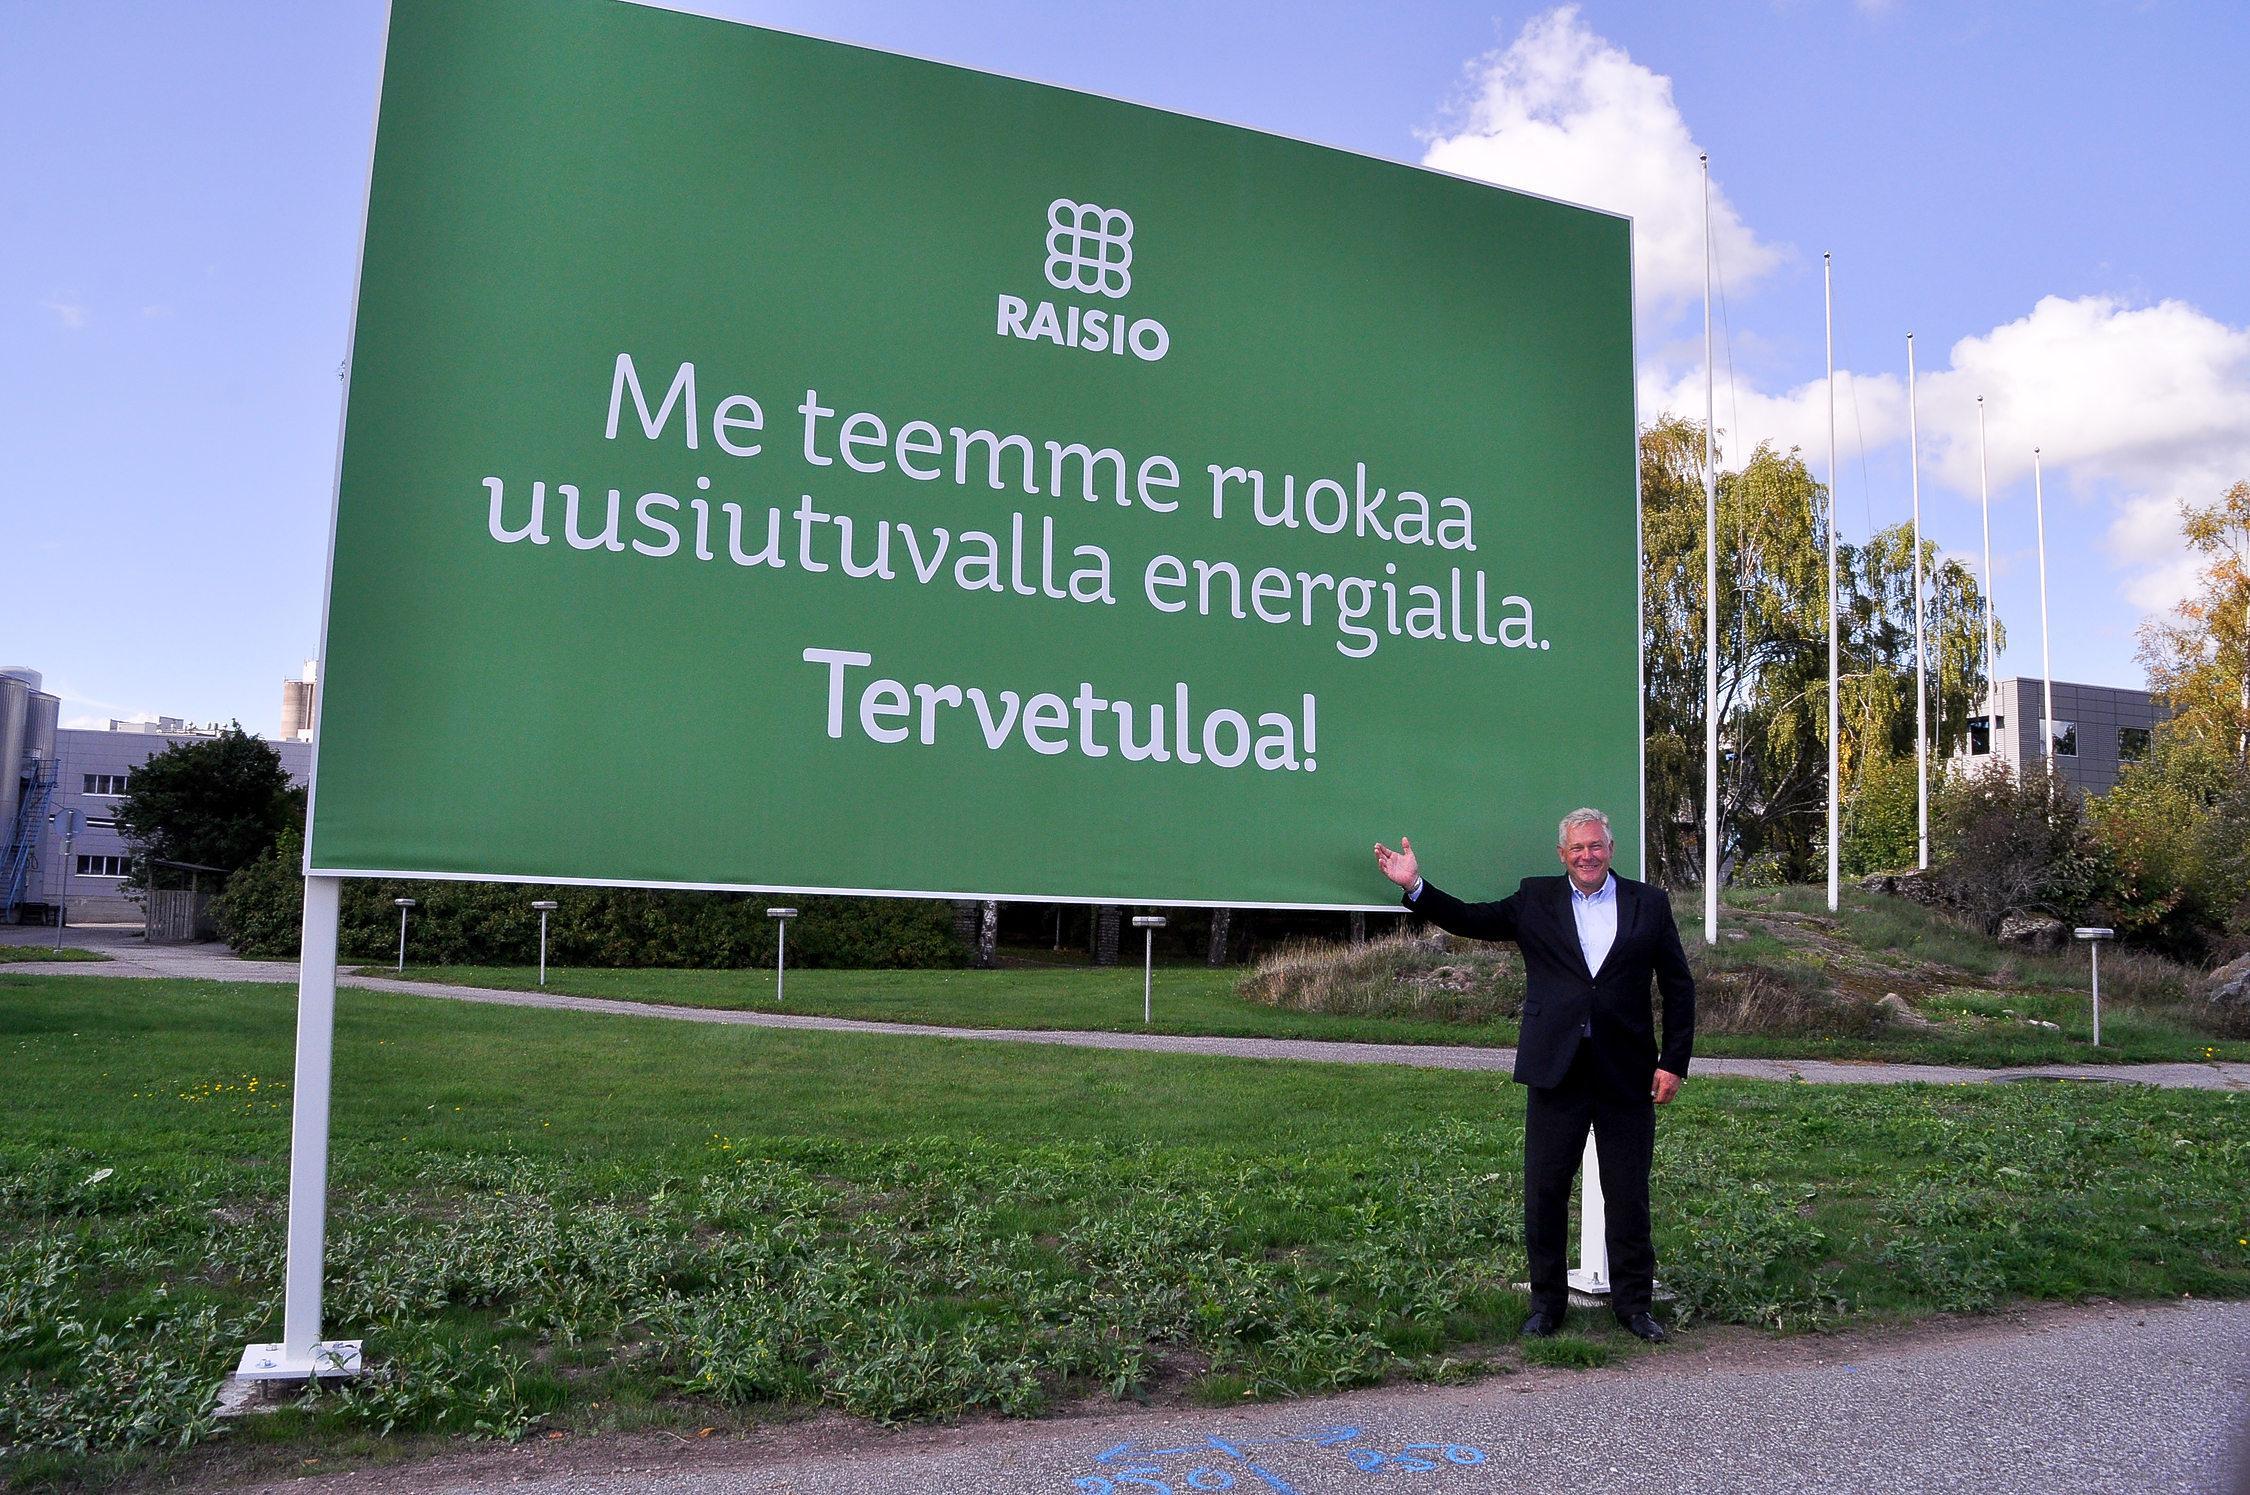 Sjunkande aktiekurs oroar inte Raisos vd Pekka Kuusniemi – nu vill koncernen  bli större inom hälsosamma livsmedel